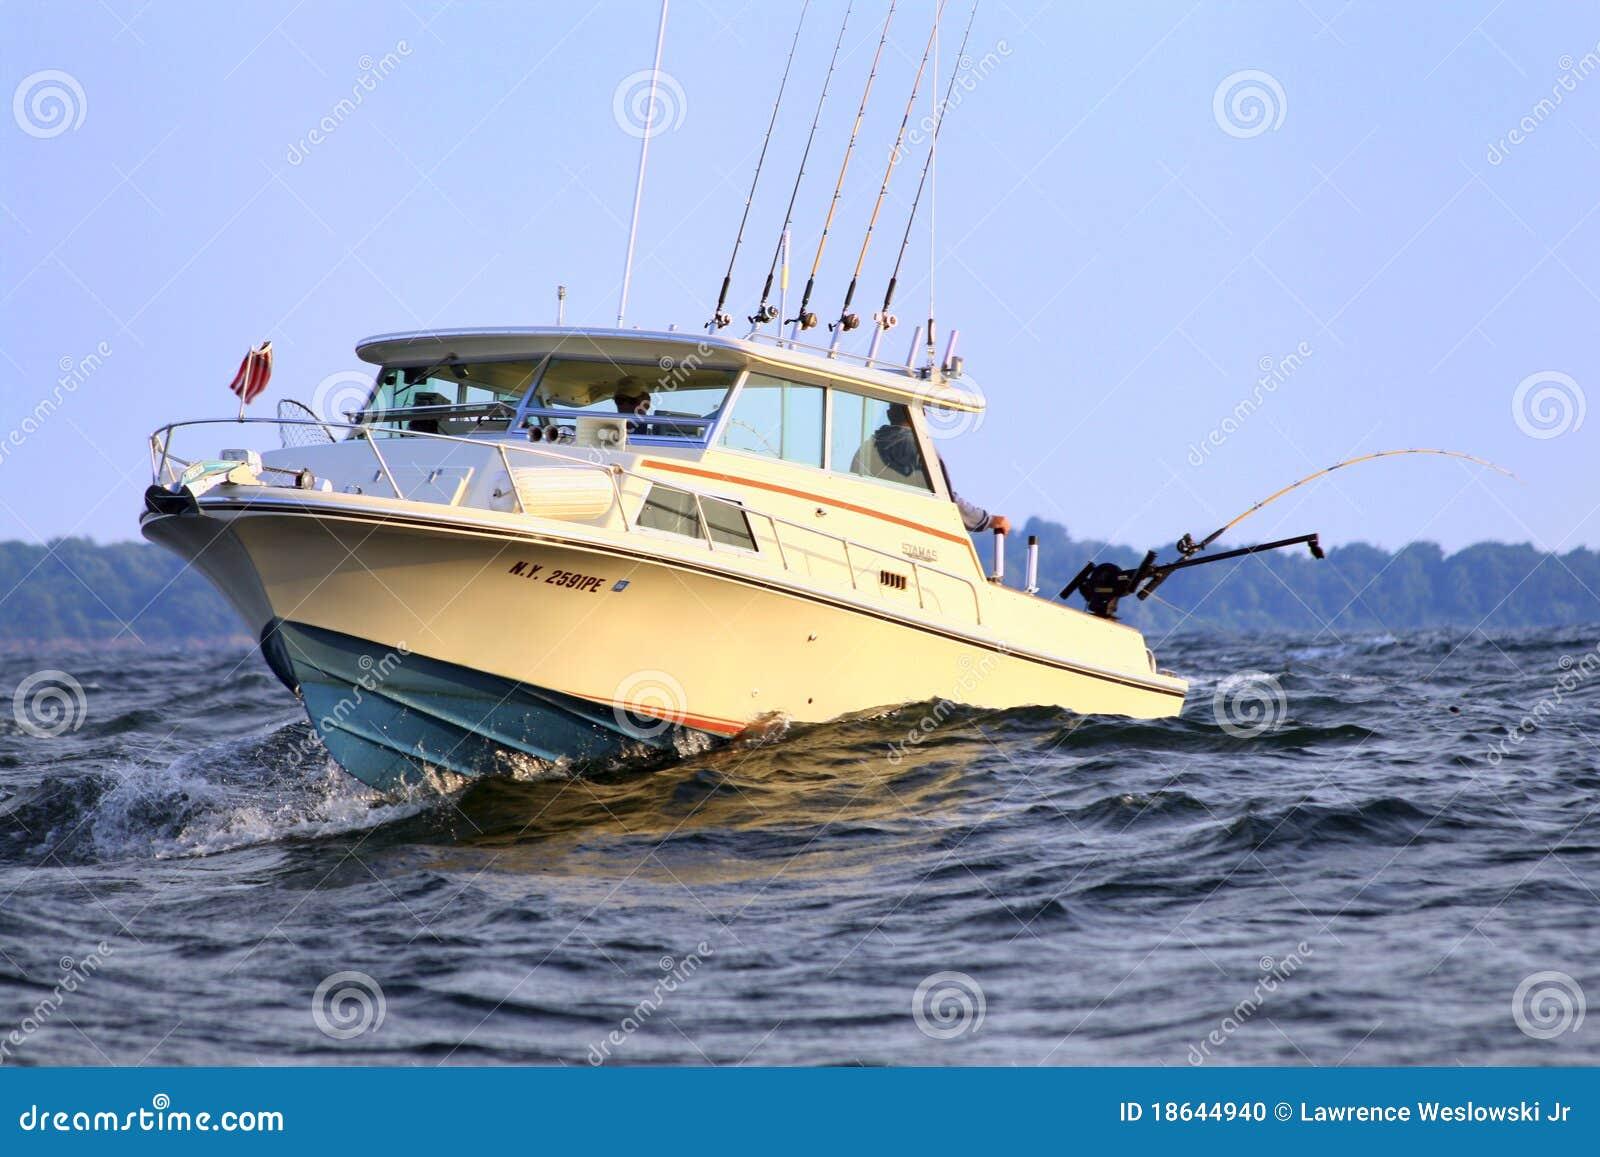 Bdo che pesca dopo aggiornamento